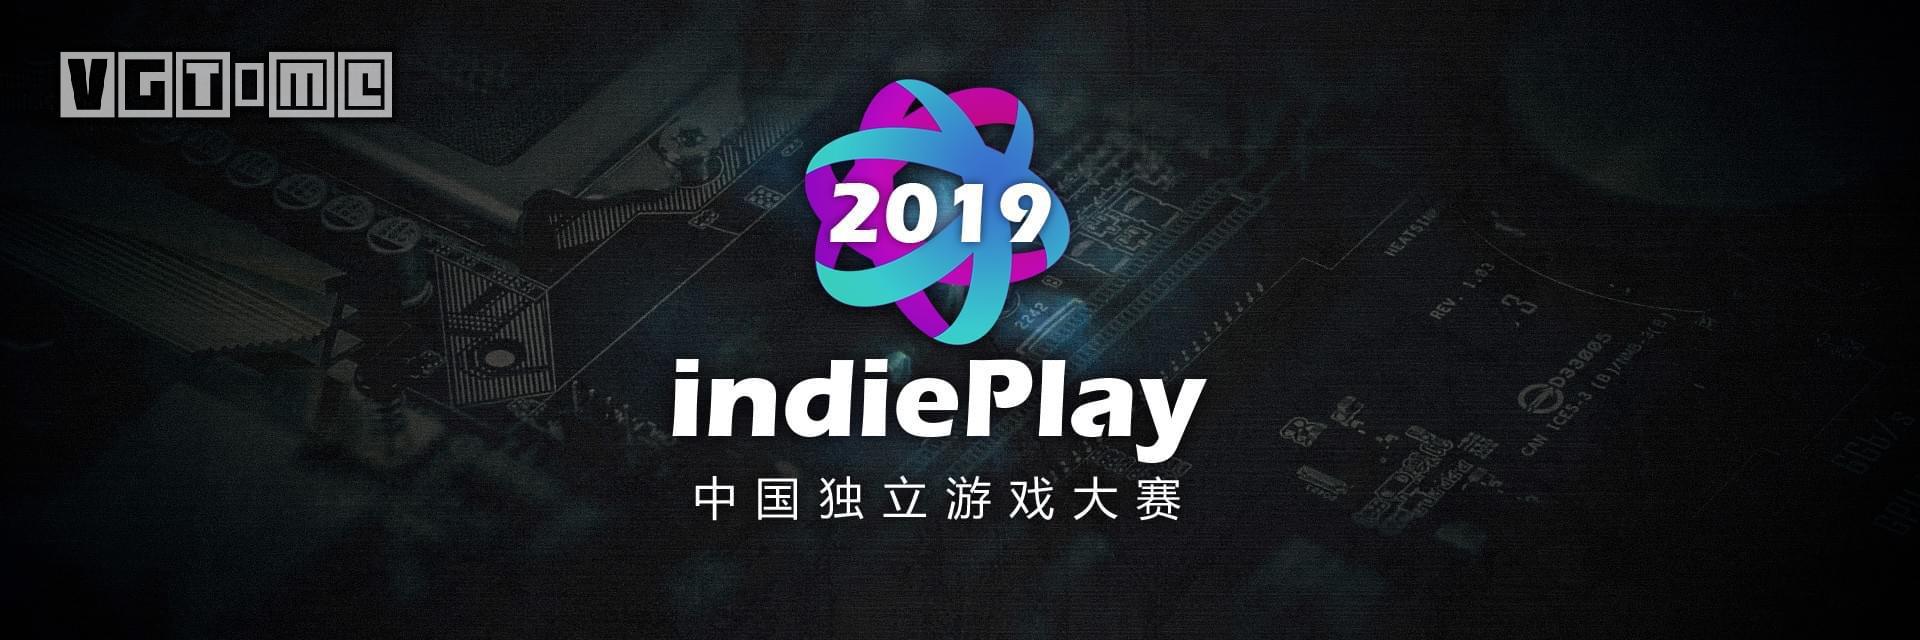 2019中国独立betway官网手机版大赛入围公布,WePlay现场将进行颁奖典礼